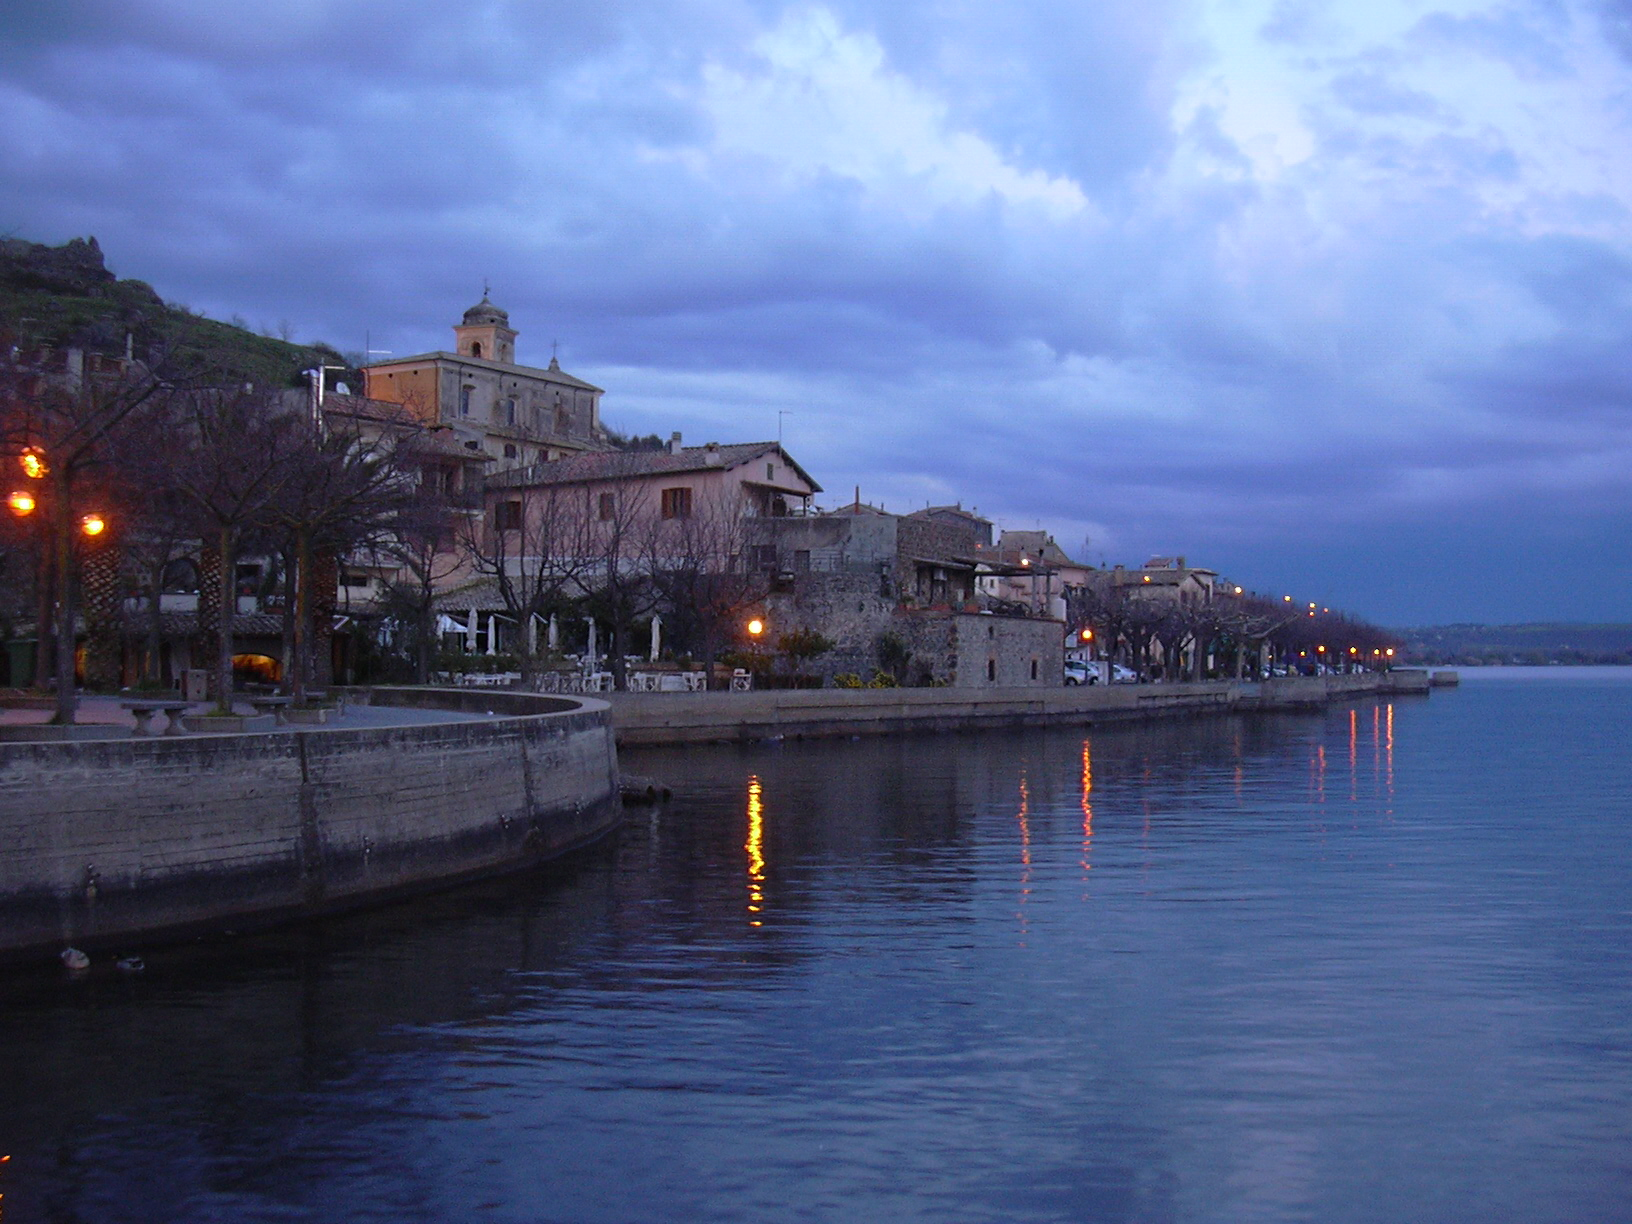 Matrimonio Comune Trevignano Romano : Trevignano il giugno l inaugurazione della mostra